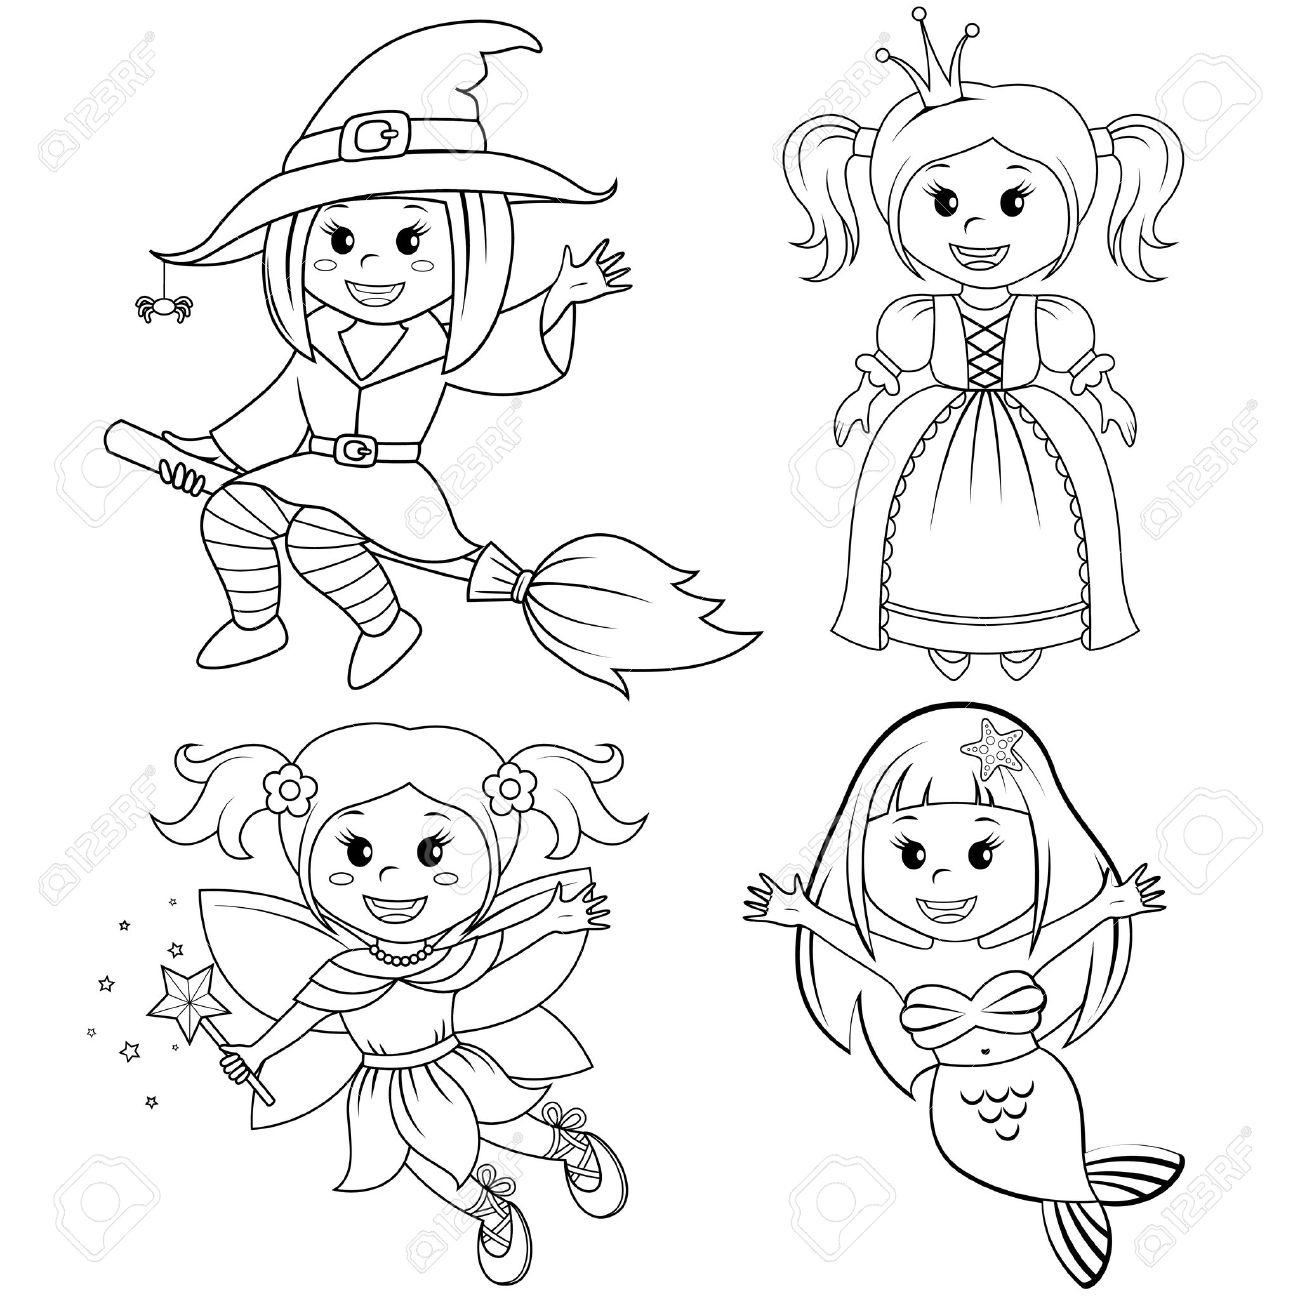 Ensemble De Jolies Filles De Conte De Fées. Sorcière De Halloween, Sirène,  Princesse Et Fée. Illustration Vectorielle En Noir Et Blanc Pour Le Livre À intérieur Coloriage Princesse Sirene